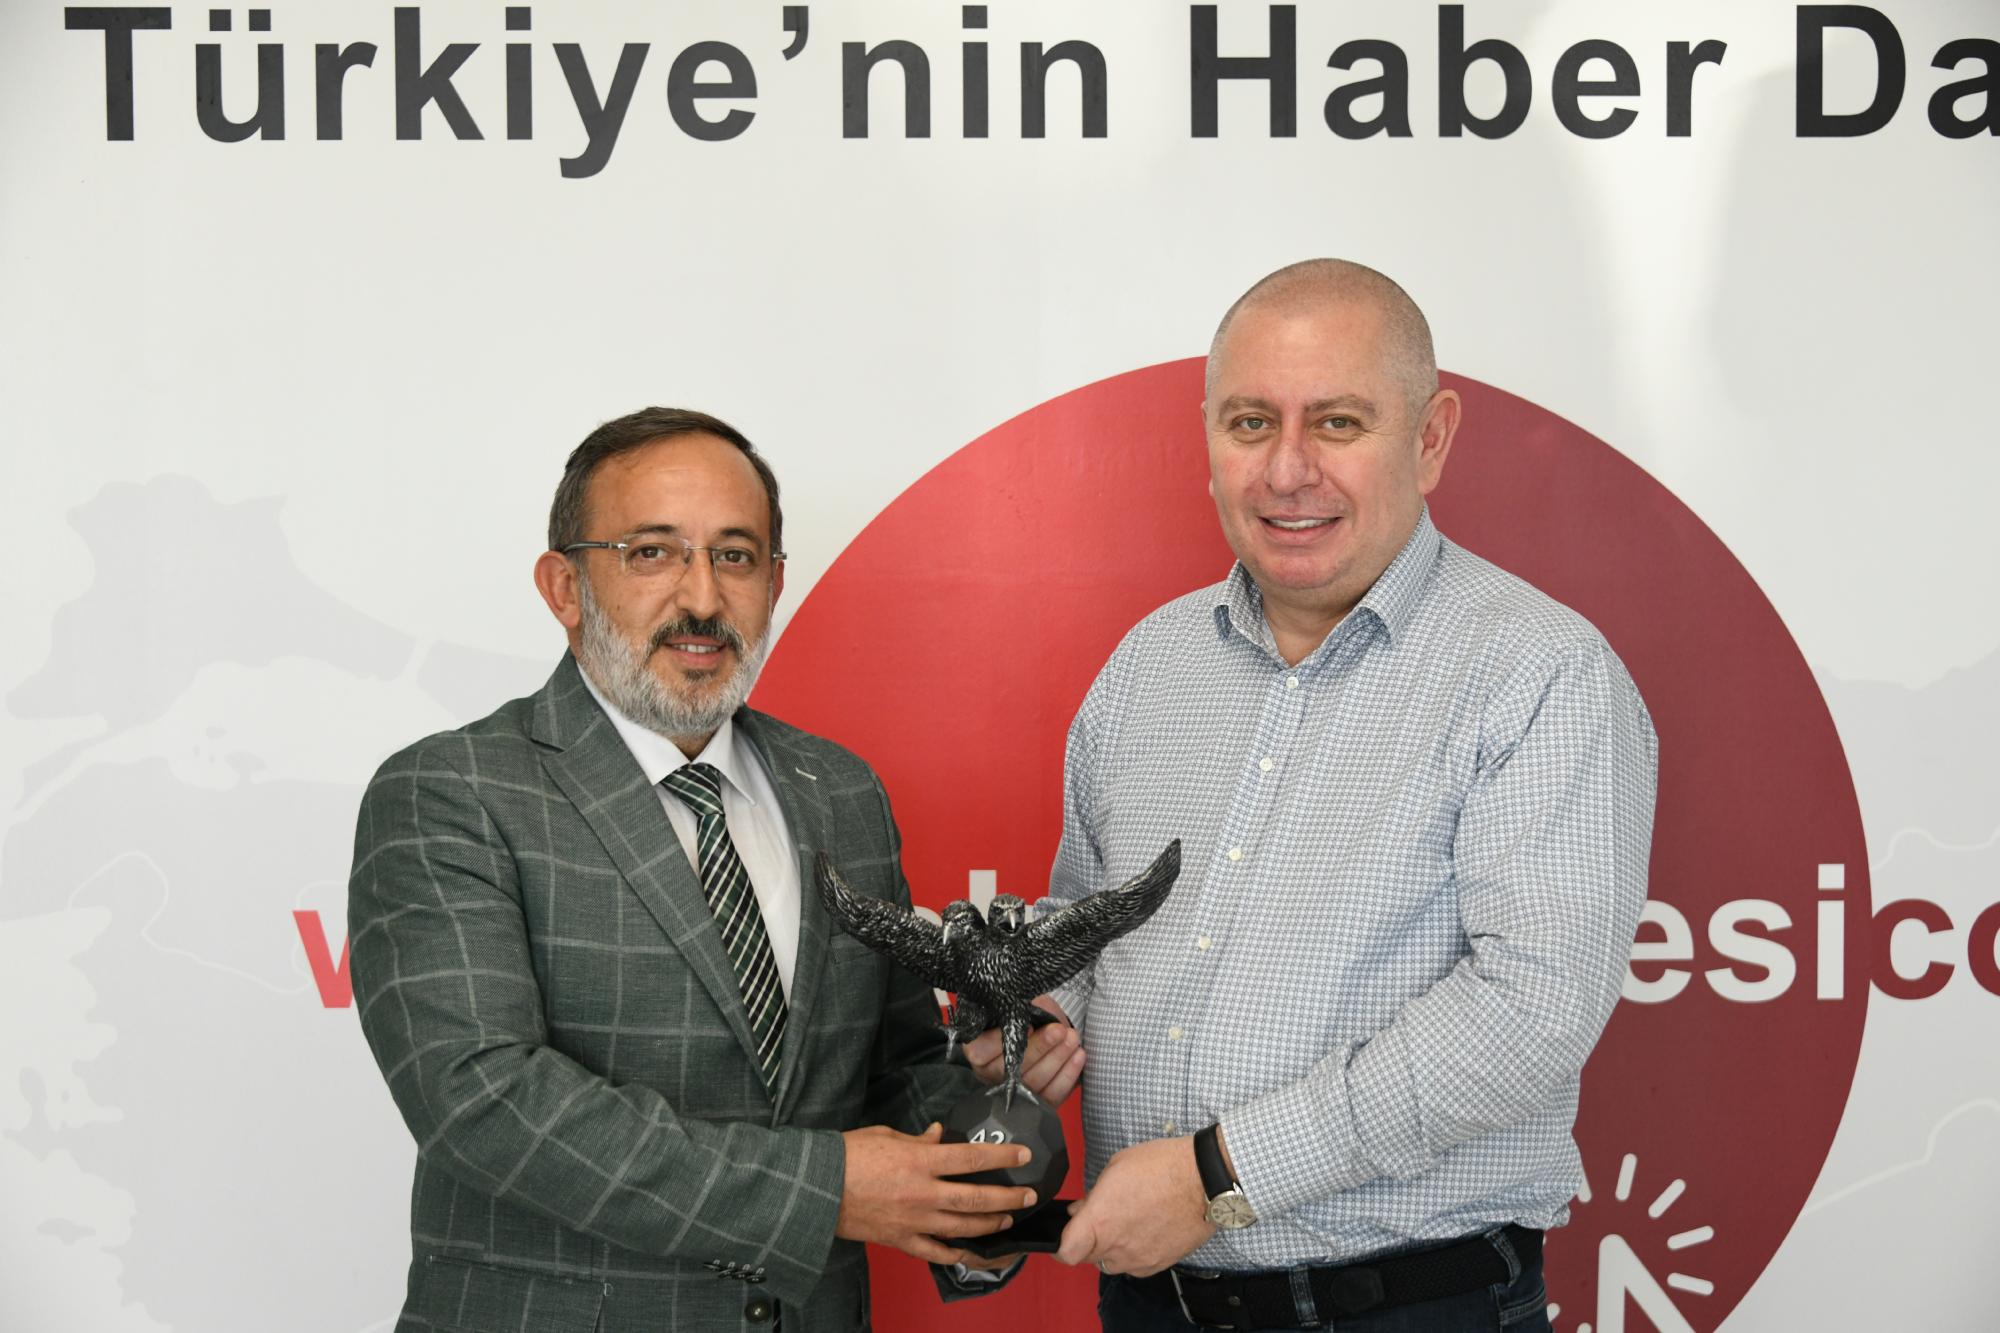 Haber Dairesi Ziyareti